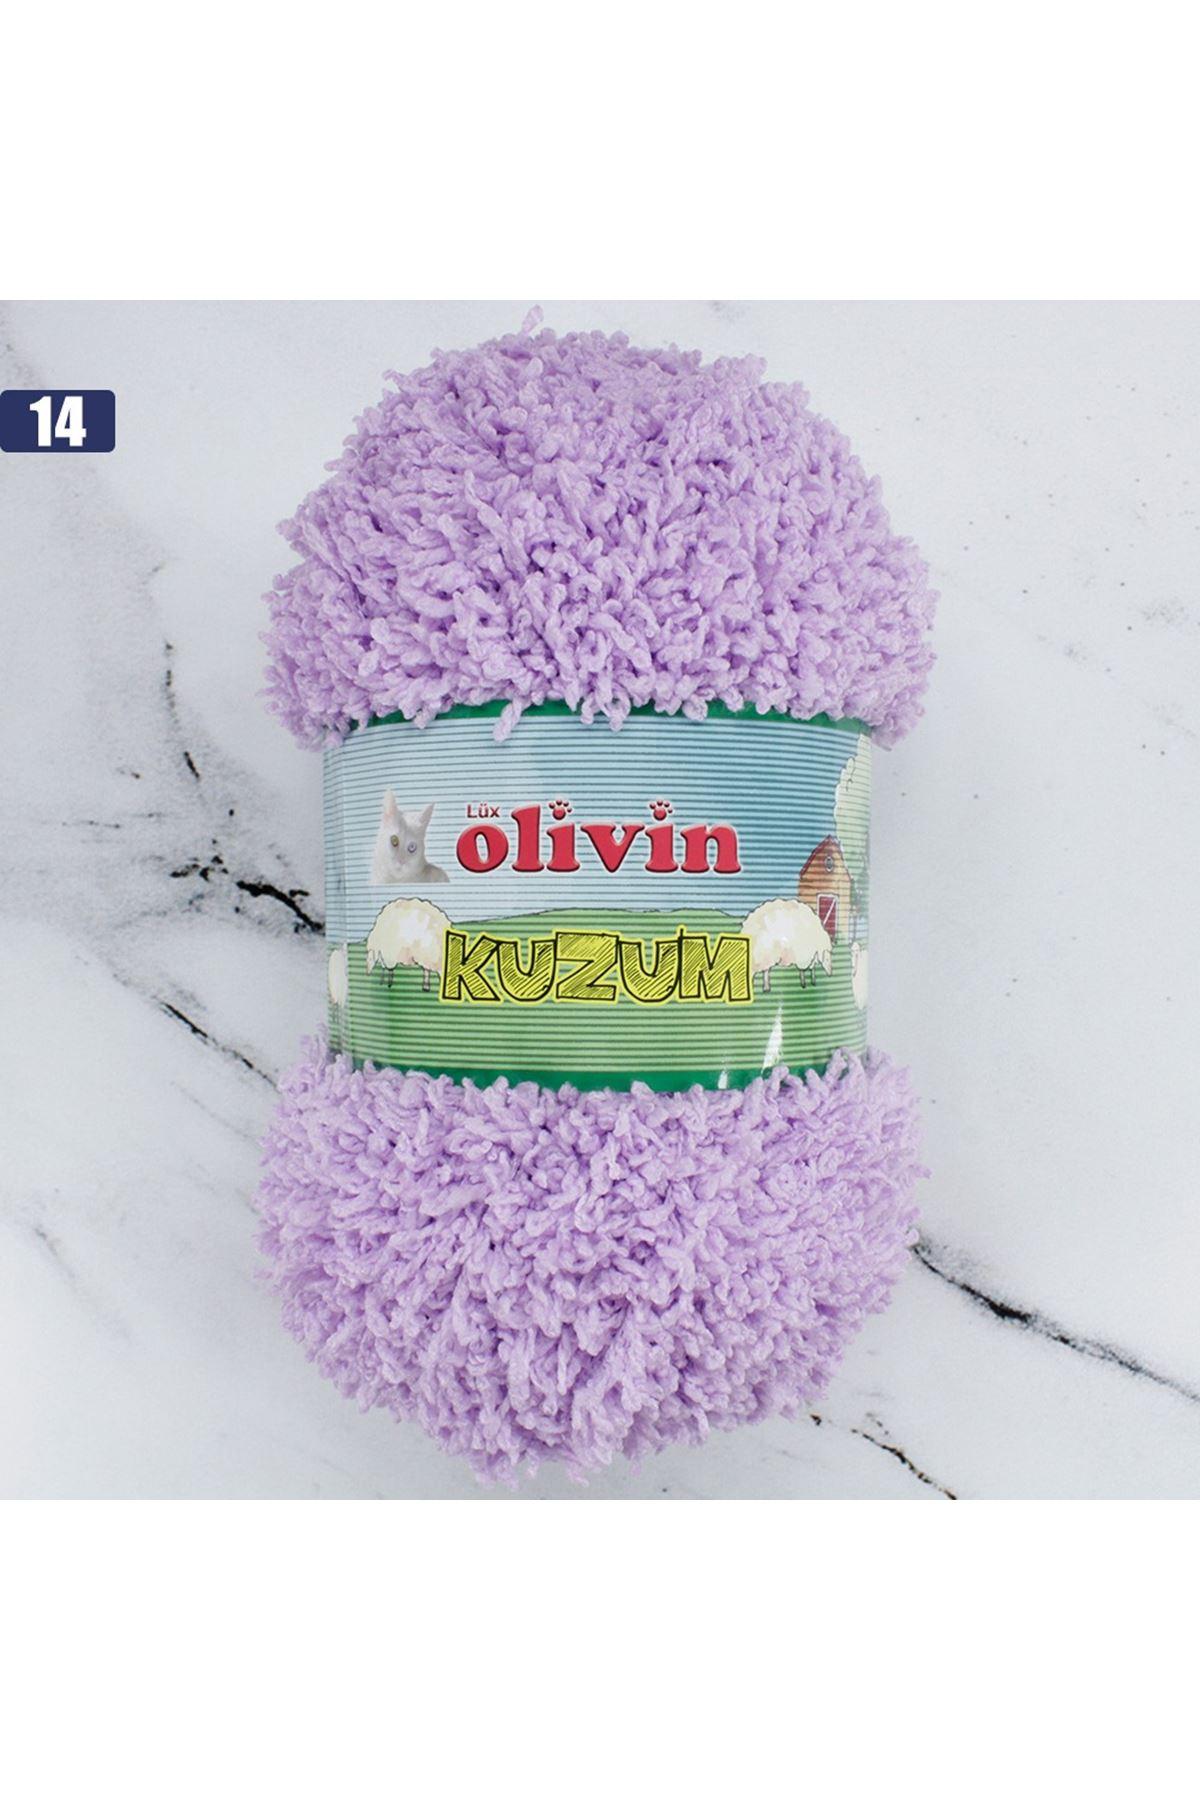 Olivin Kuzum 14